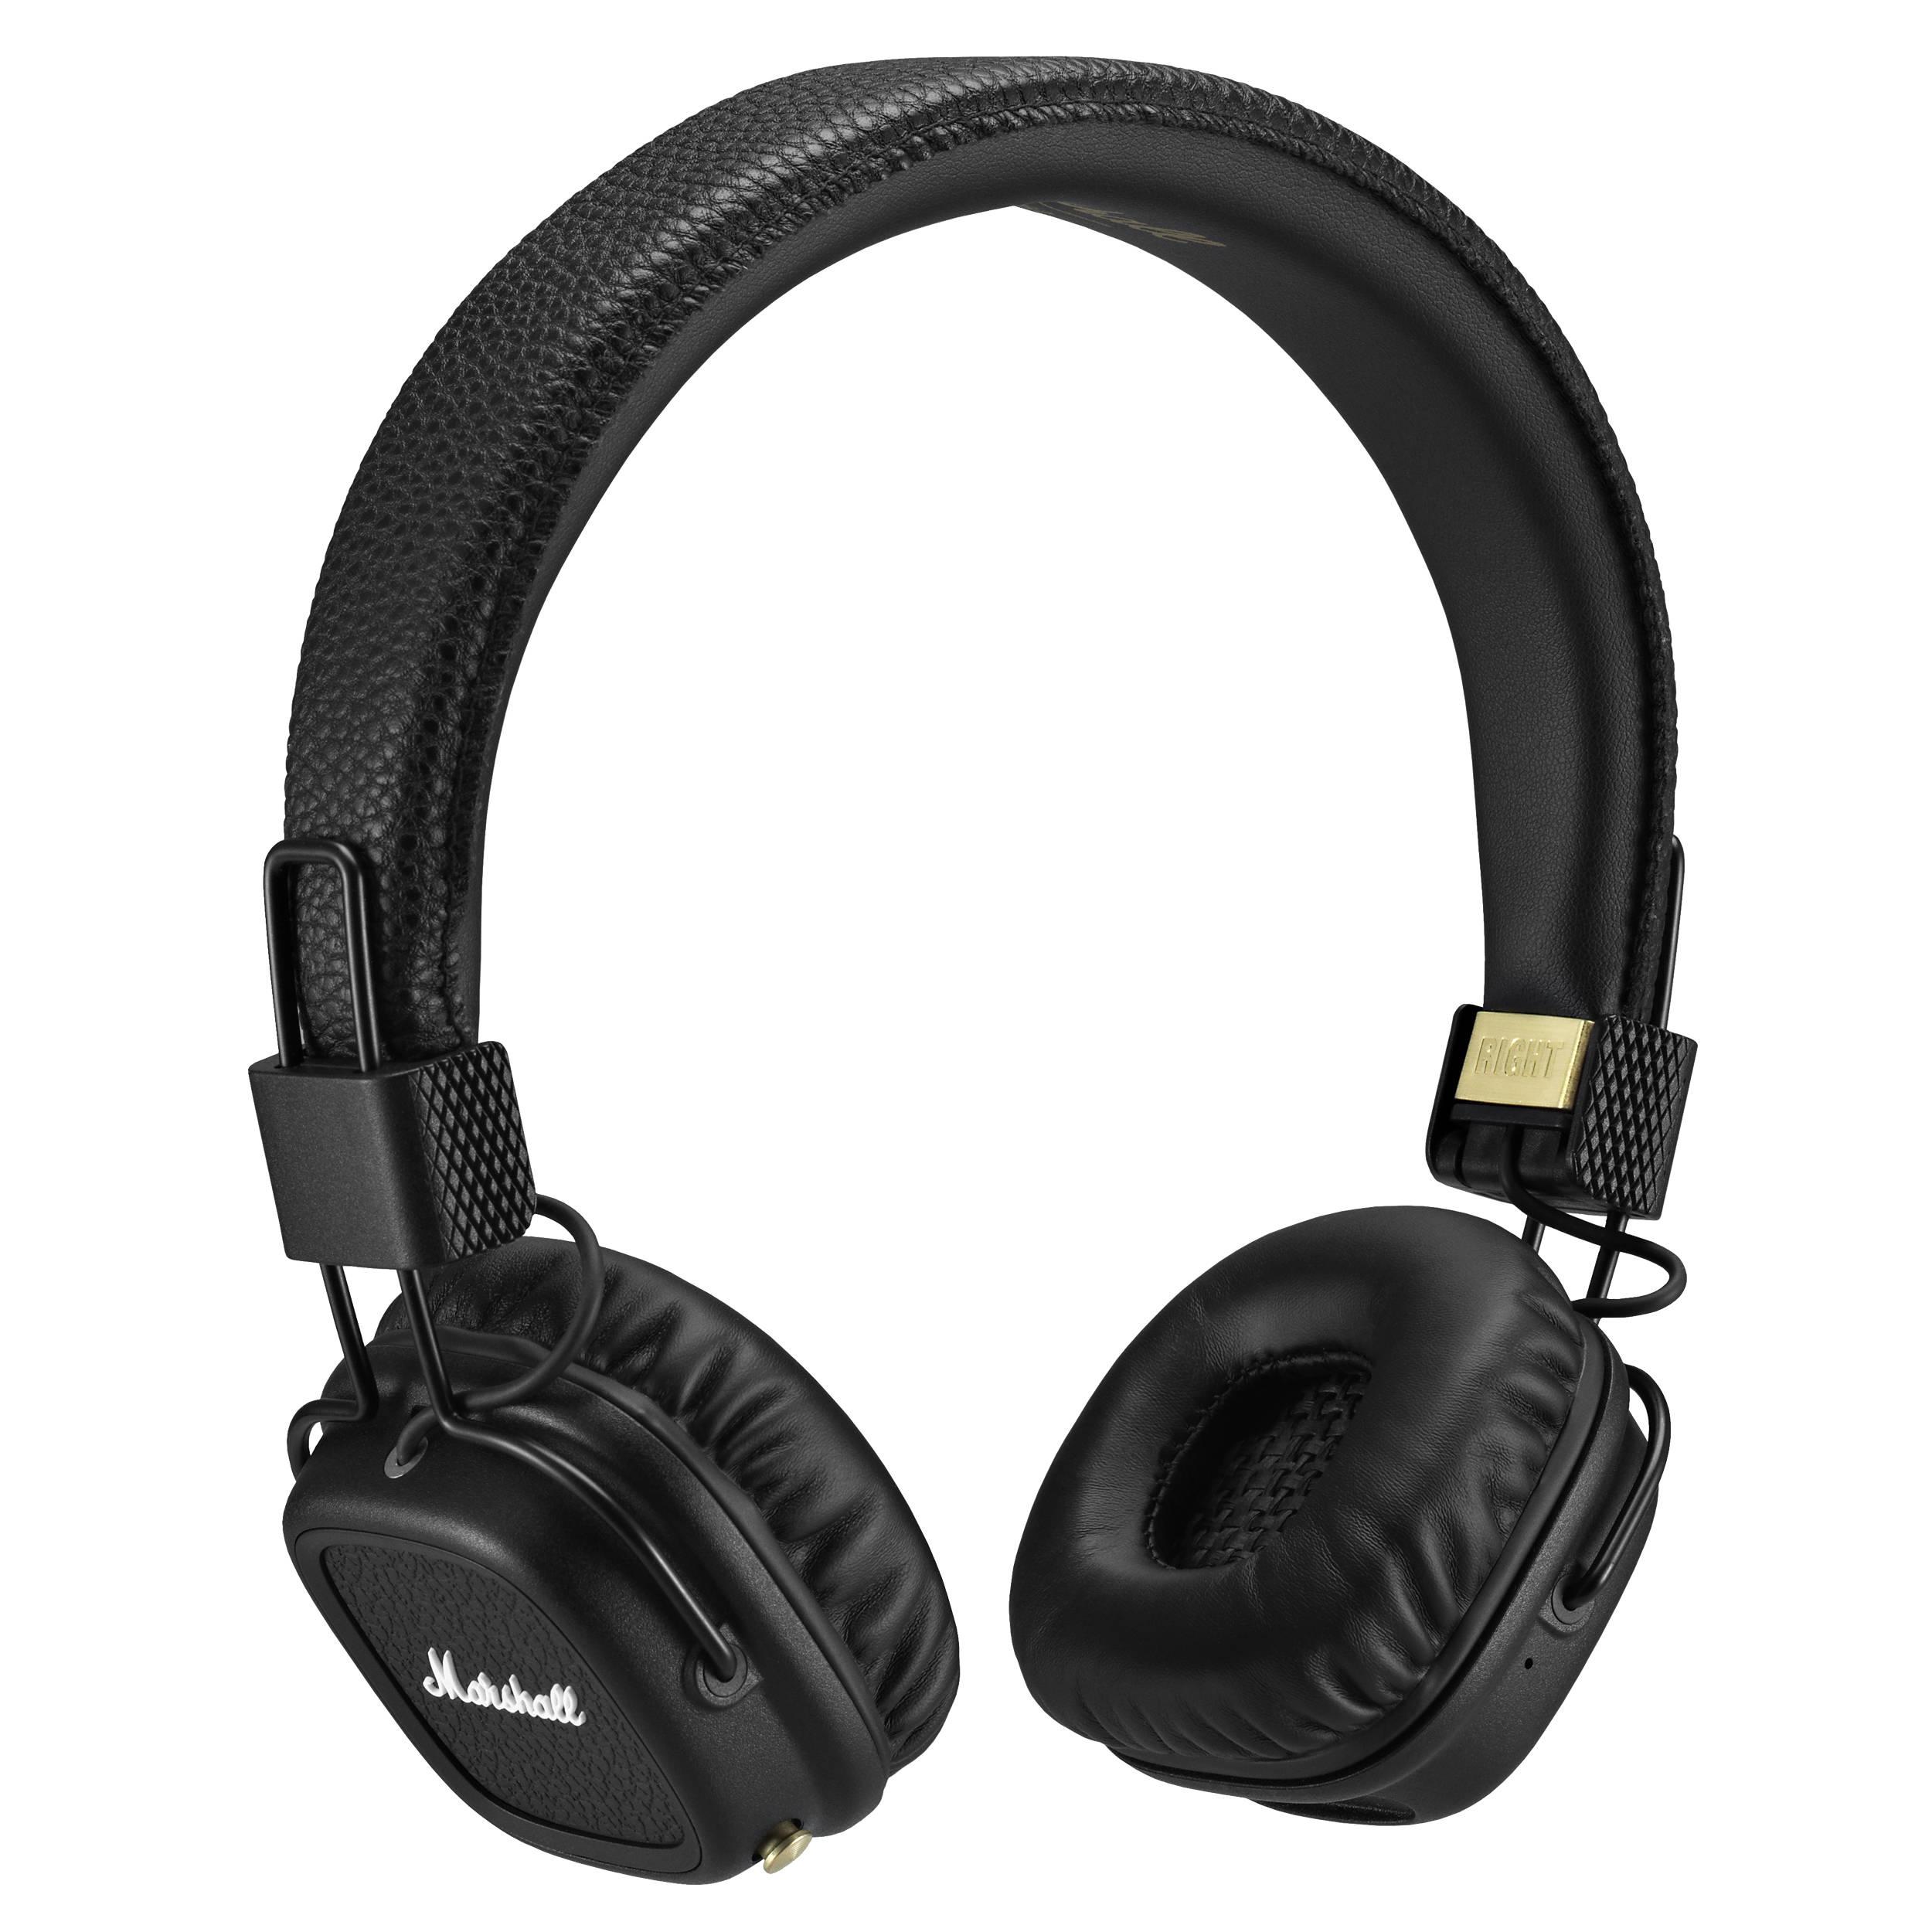 Marshall Major II Bluetooth Headphones (Black) 4091378 B&H Photo